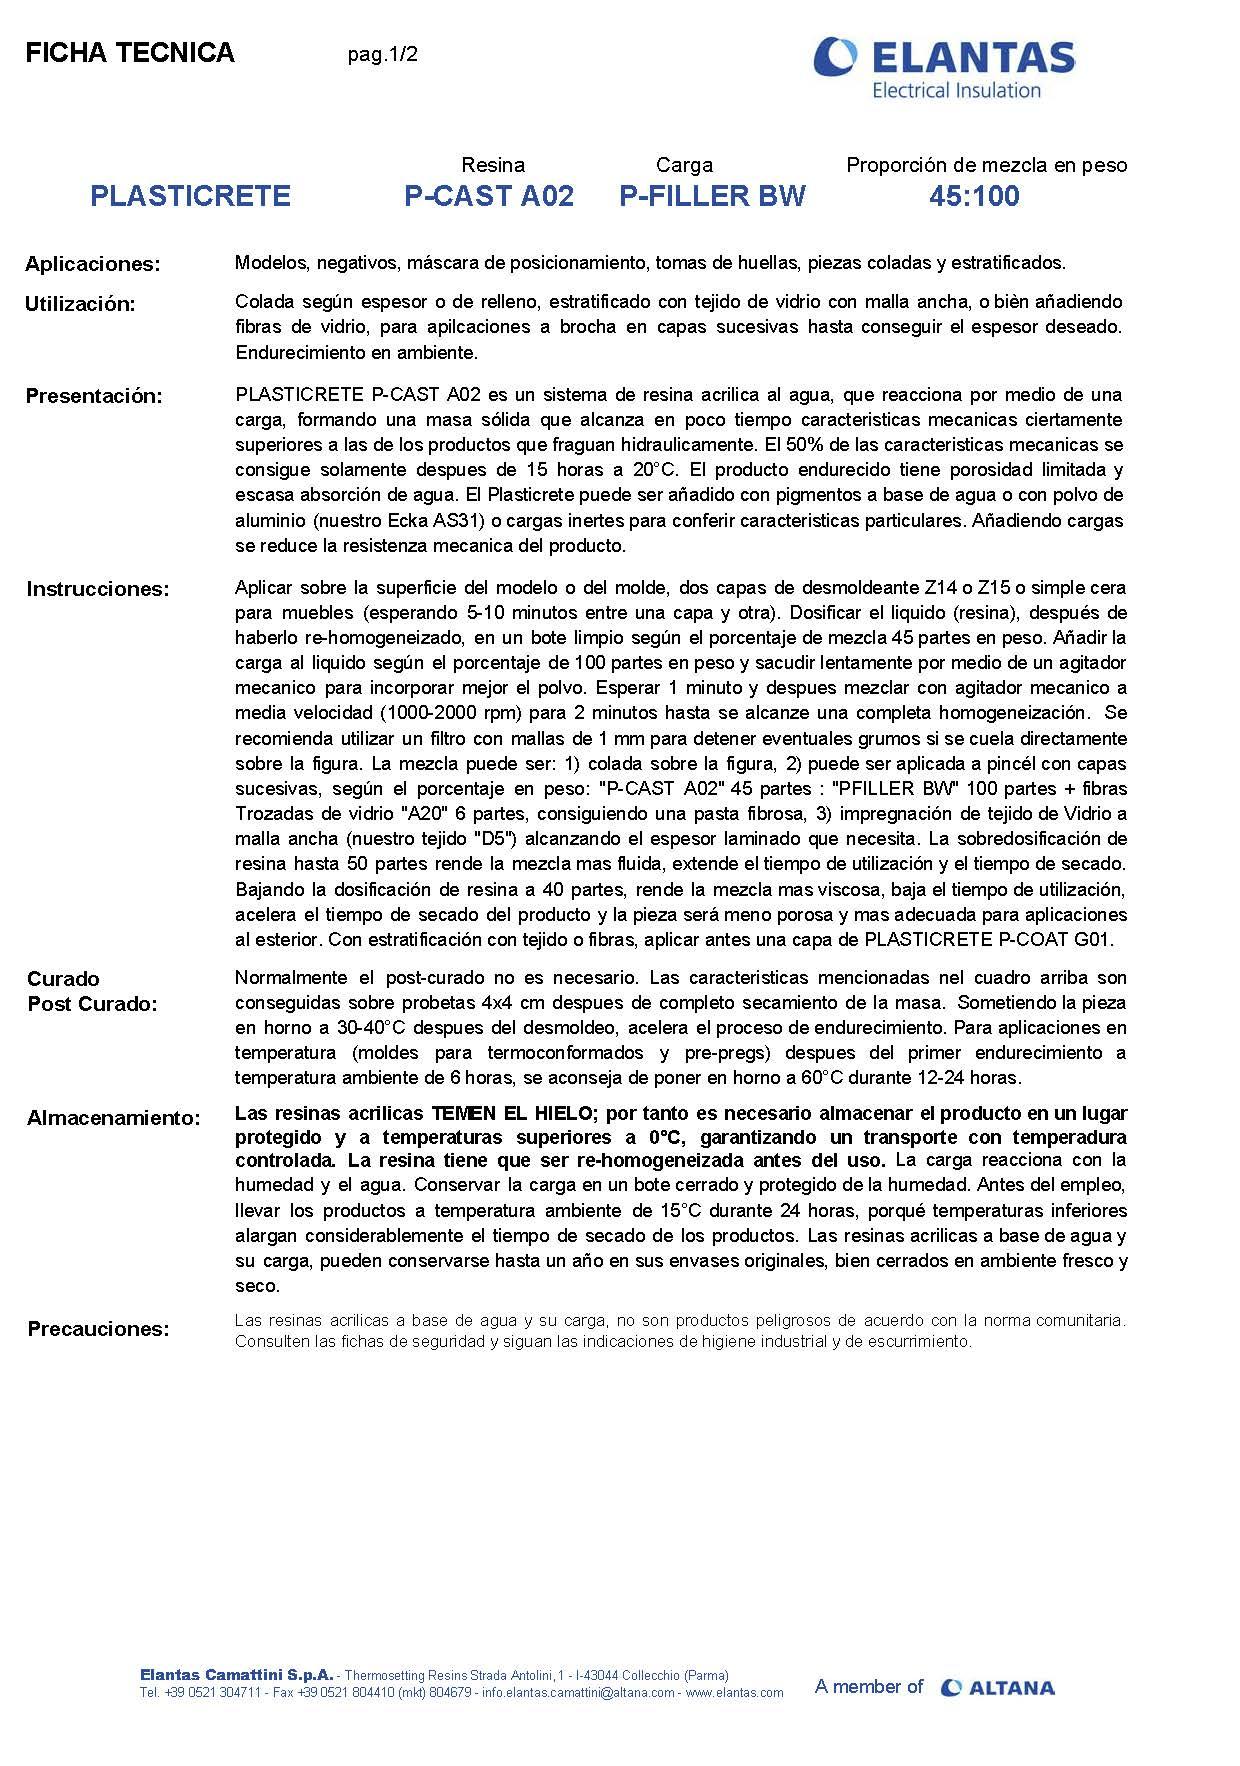 PLASTICRETE Tecnica_Página_1.jpg